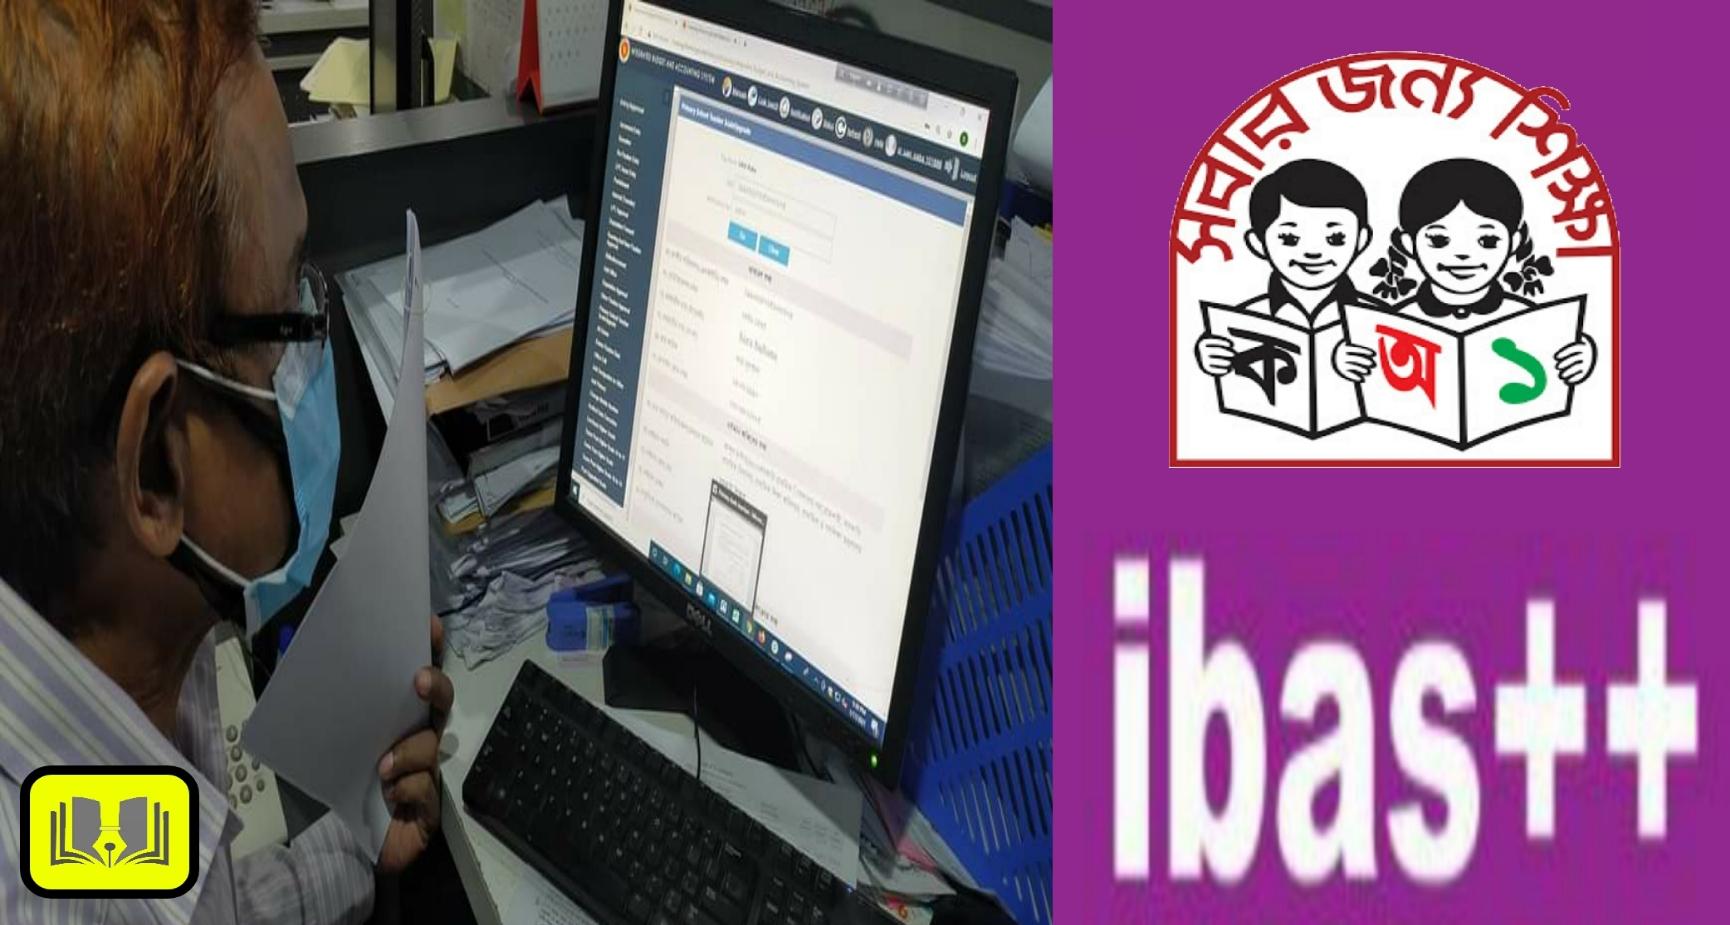 শুধুমাত্র ডিগ্রী ২য় বিভাগ সনদধারী শিক্ষকরা ১৩ তম গ্রেড পাচ্ছেন : iBAS++ লাইভে আসার অপেক্ষায়